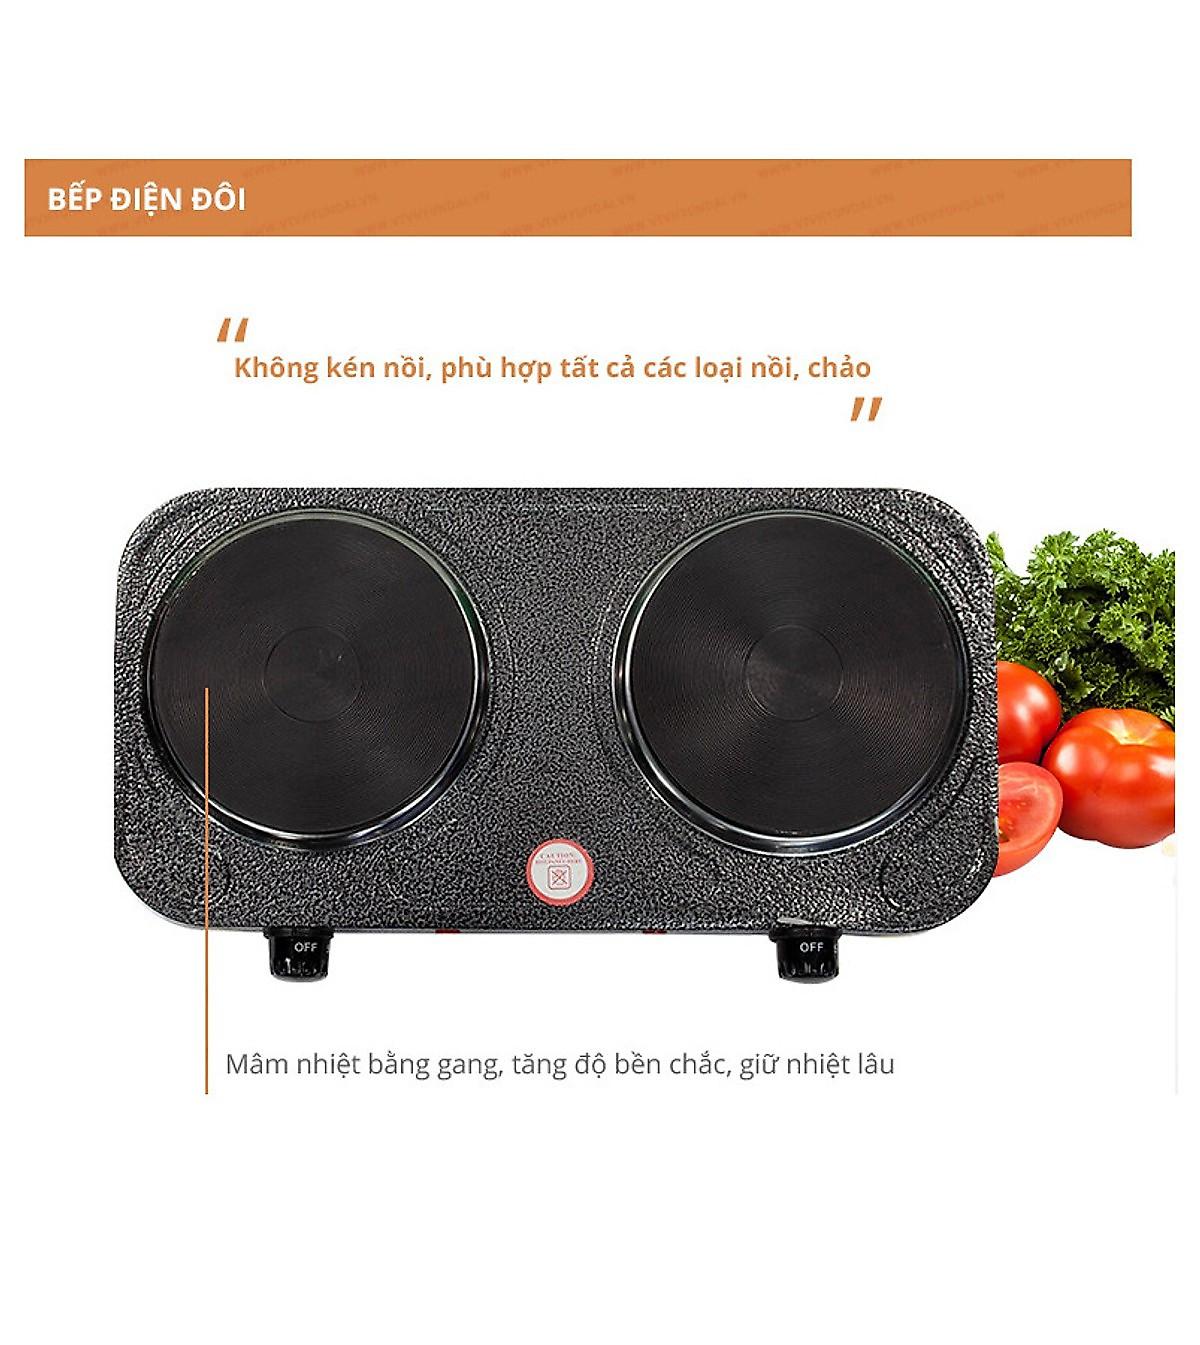 Bếp điện đôi Perfect PF-HP789 - 2000W - Hàng Chính Hãng | Tiki Trading